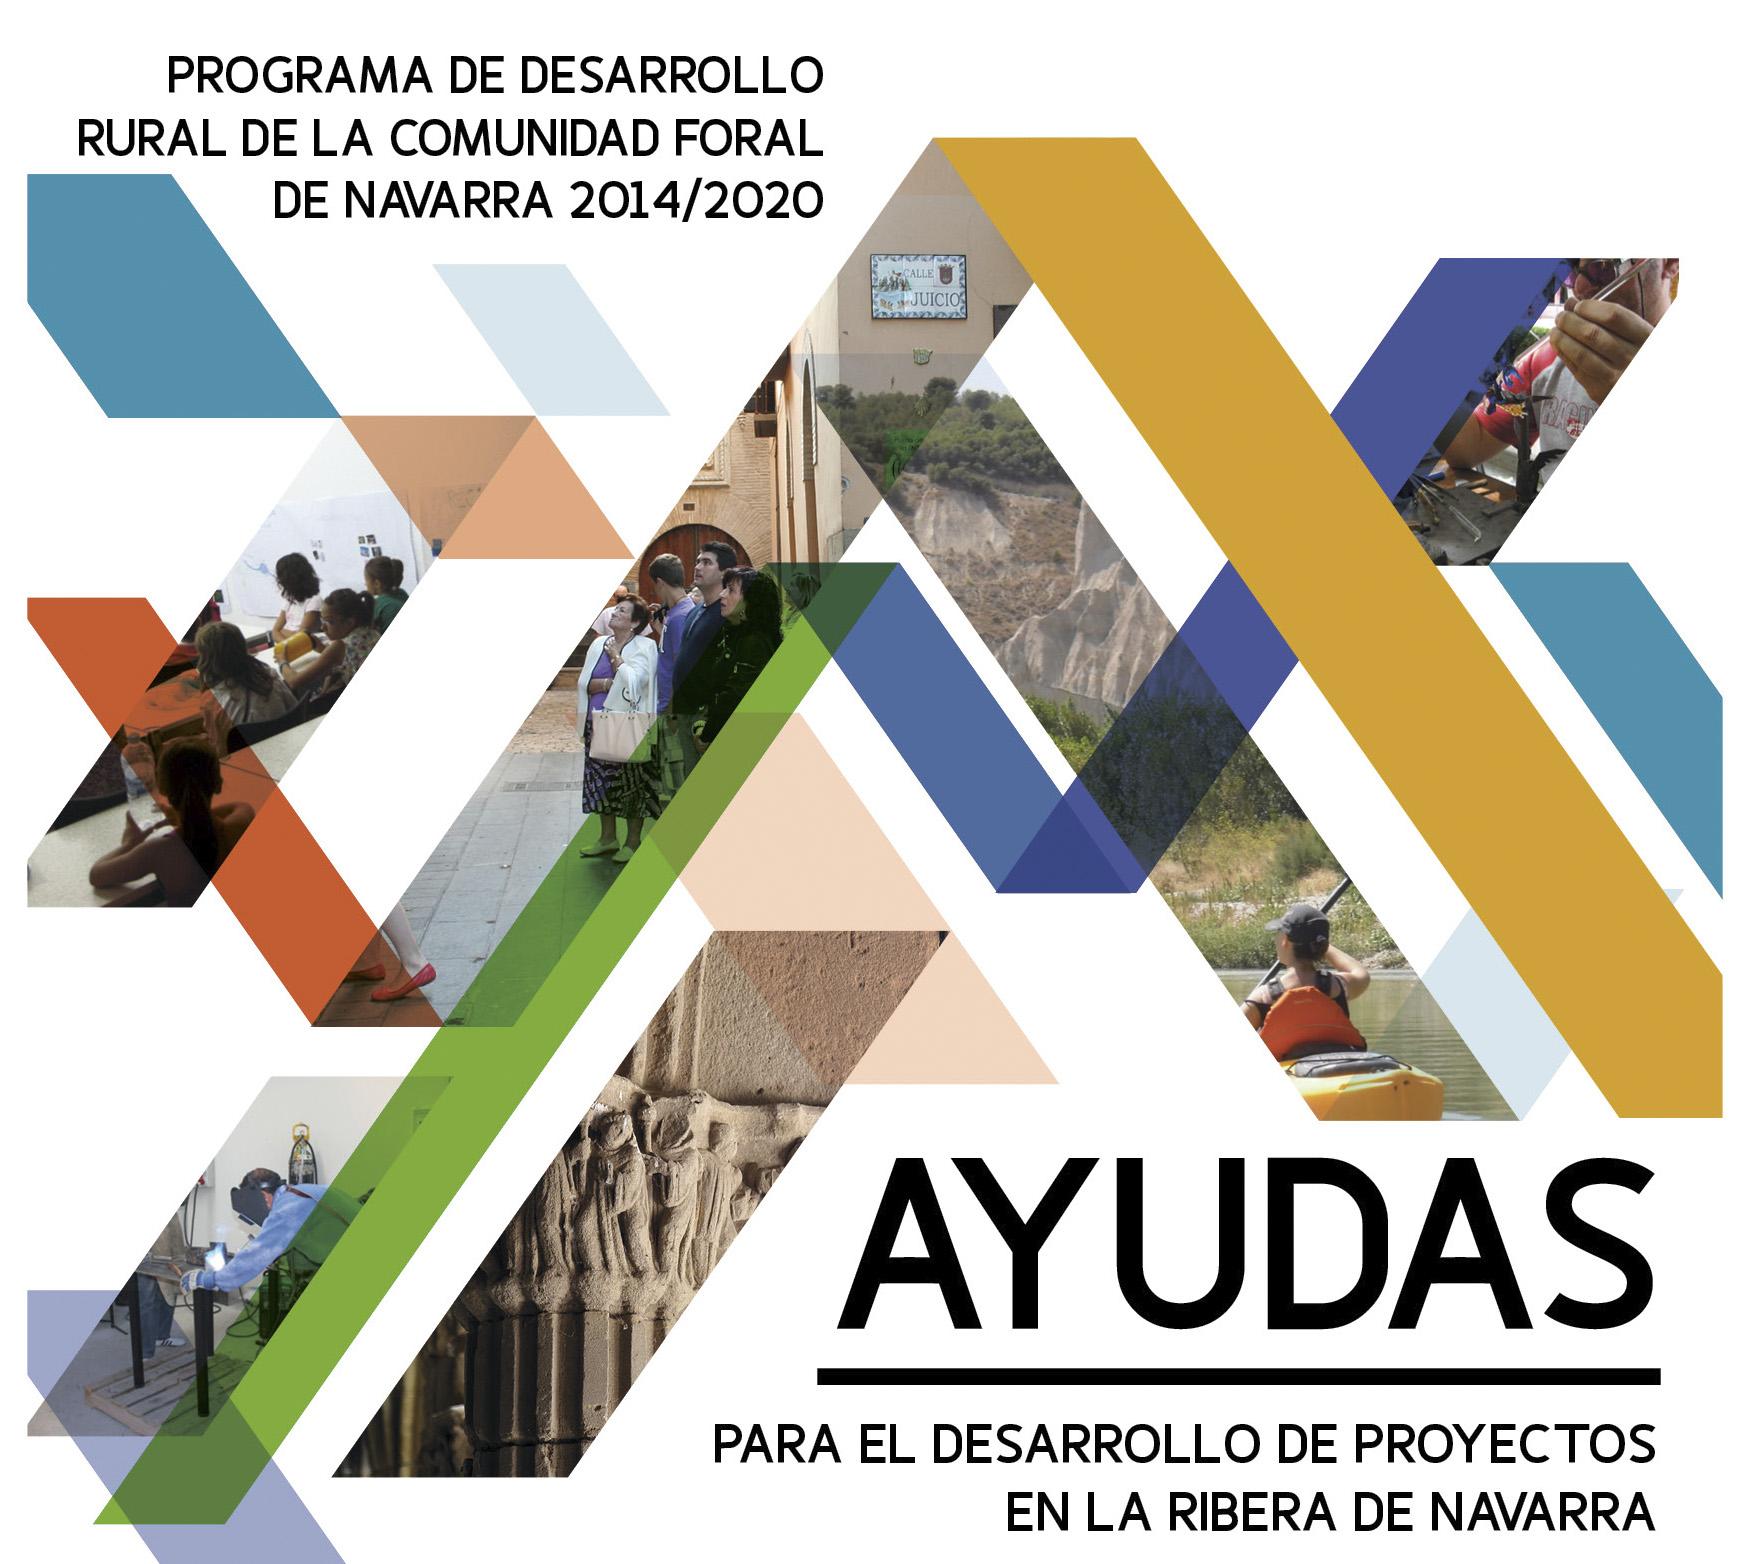 Ayudas para el desarrollo de proyectos en la Ribera de Navarra